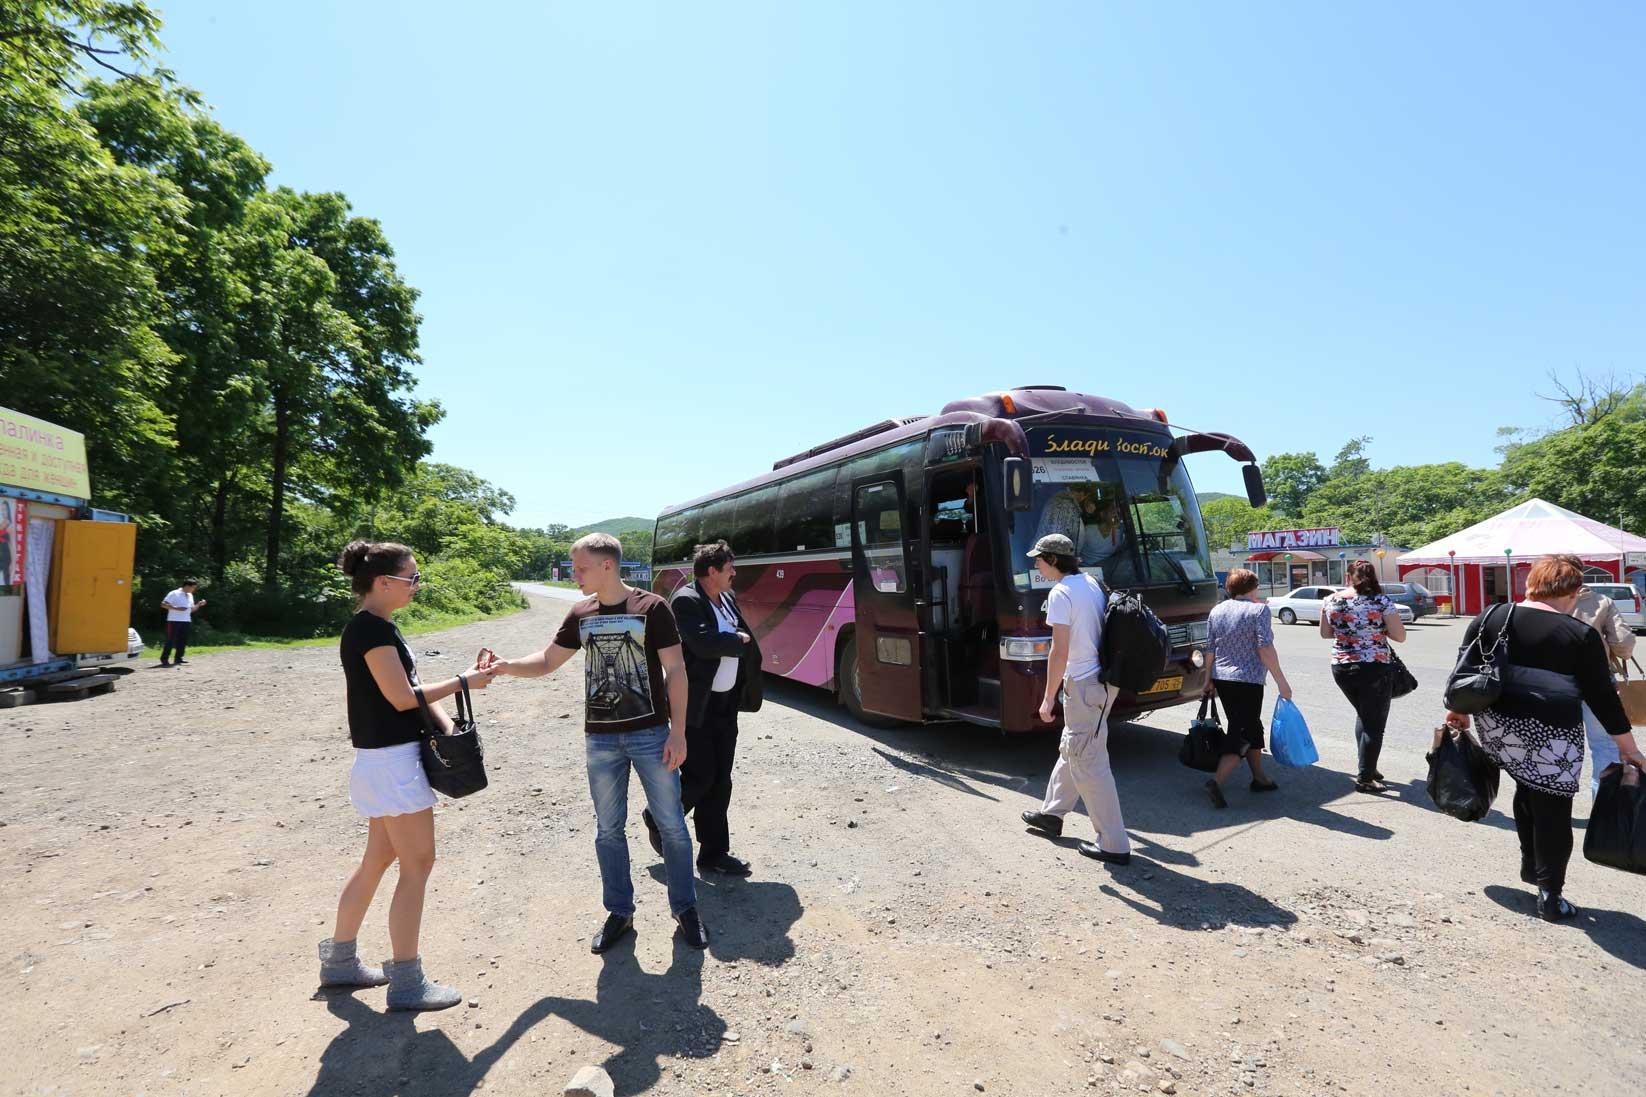 国境を越えるとこんなに風景が違うのか!?【中国からバスで行くウラジオストク(後編)】_b0235153_1850537.jpg